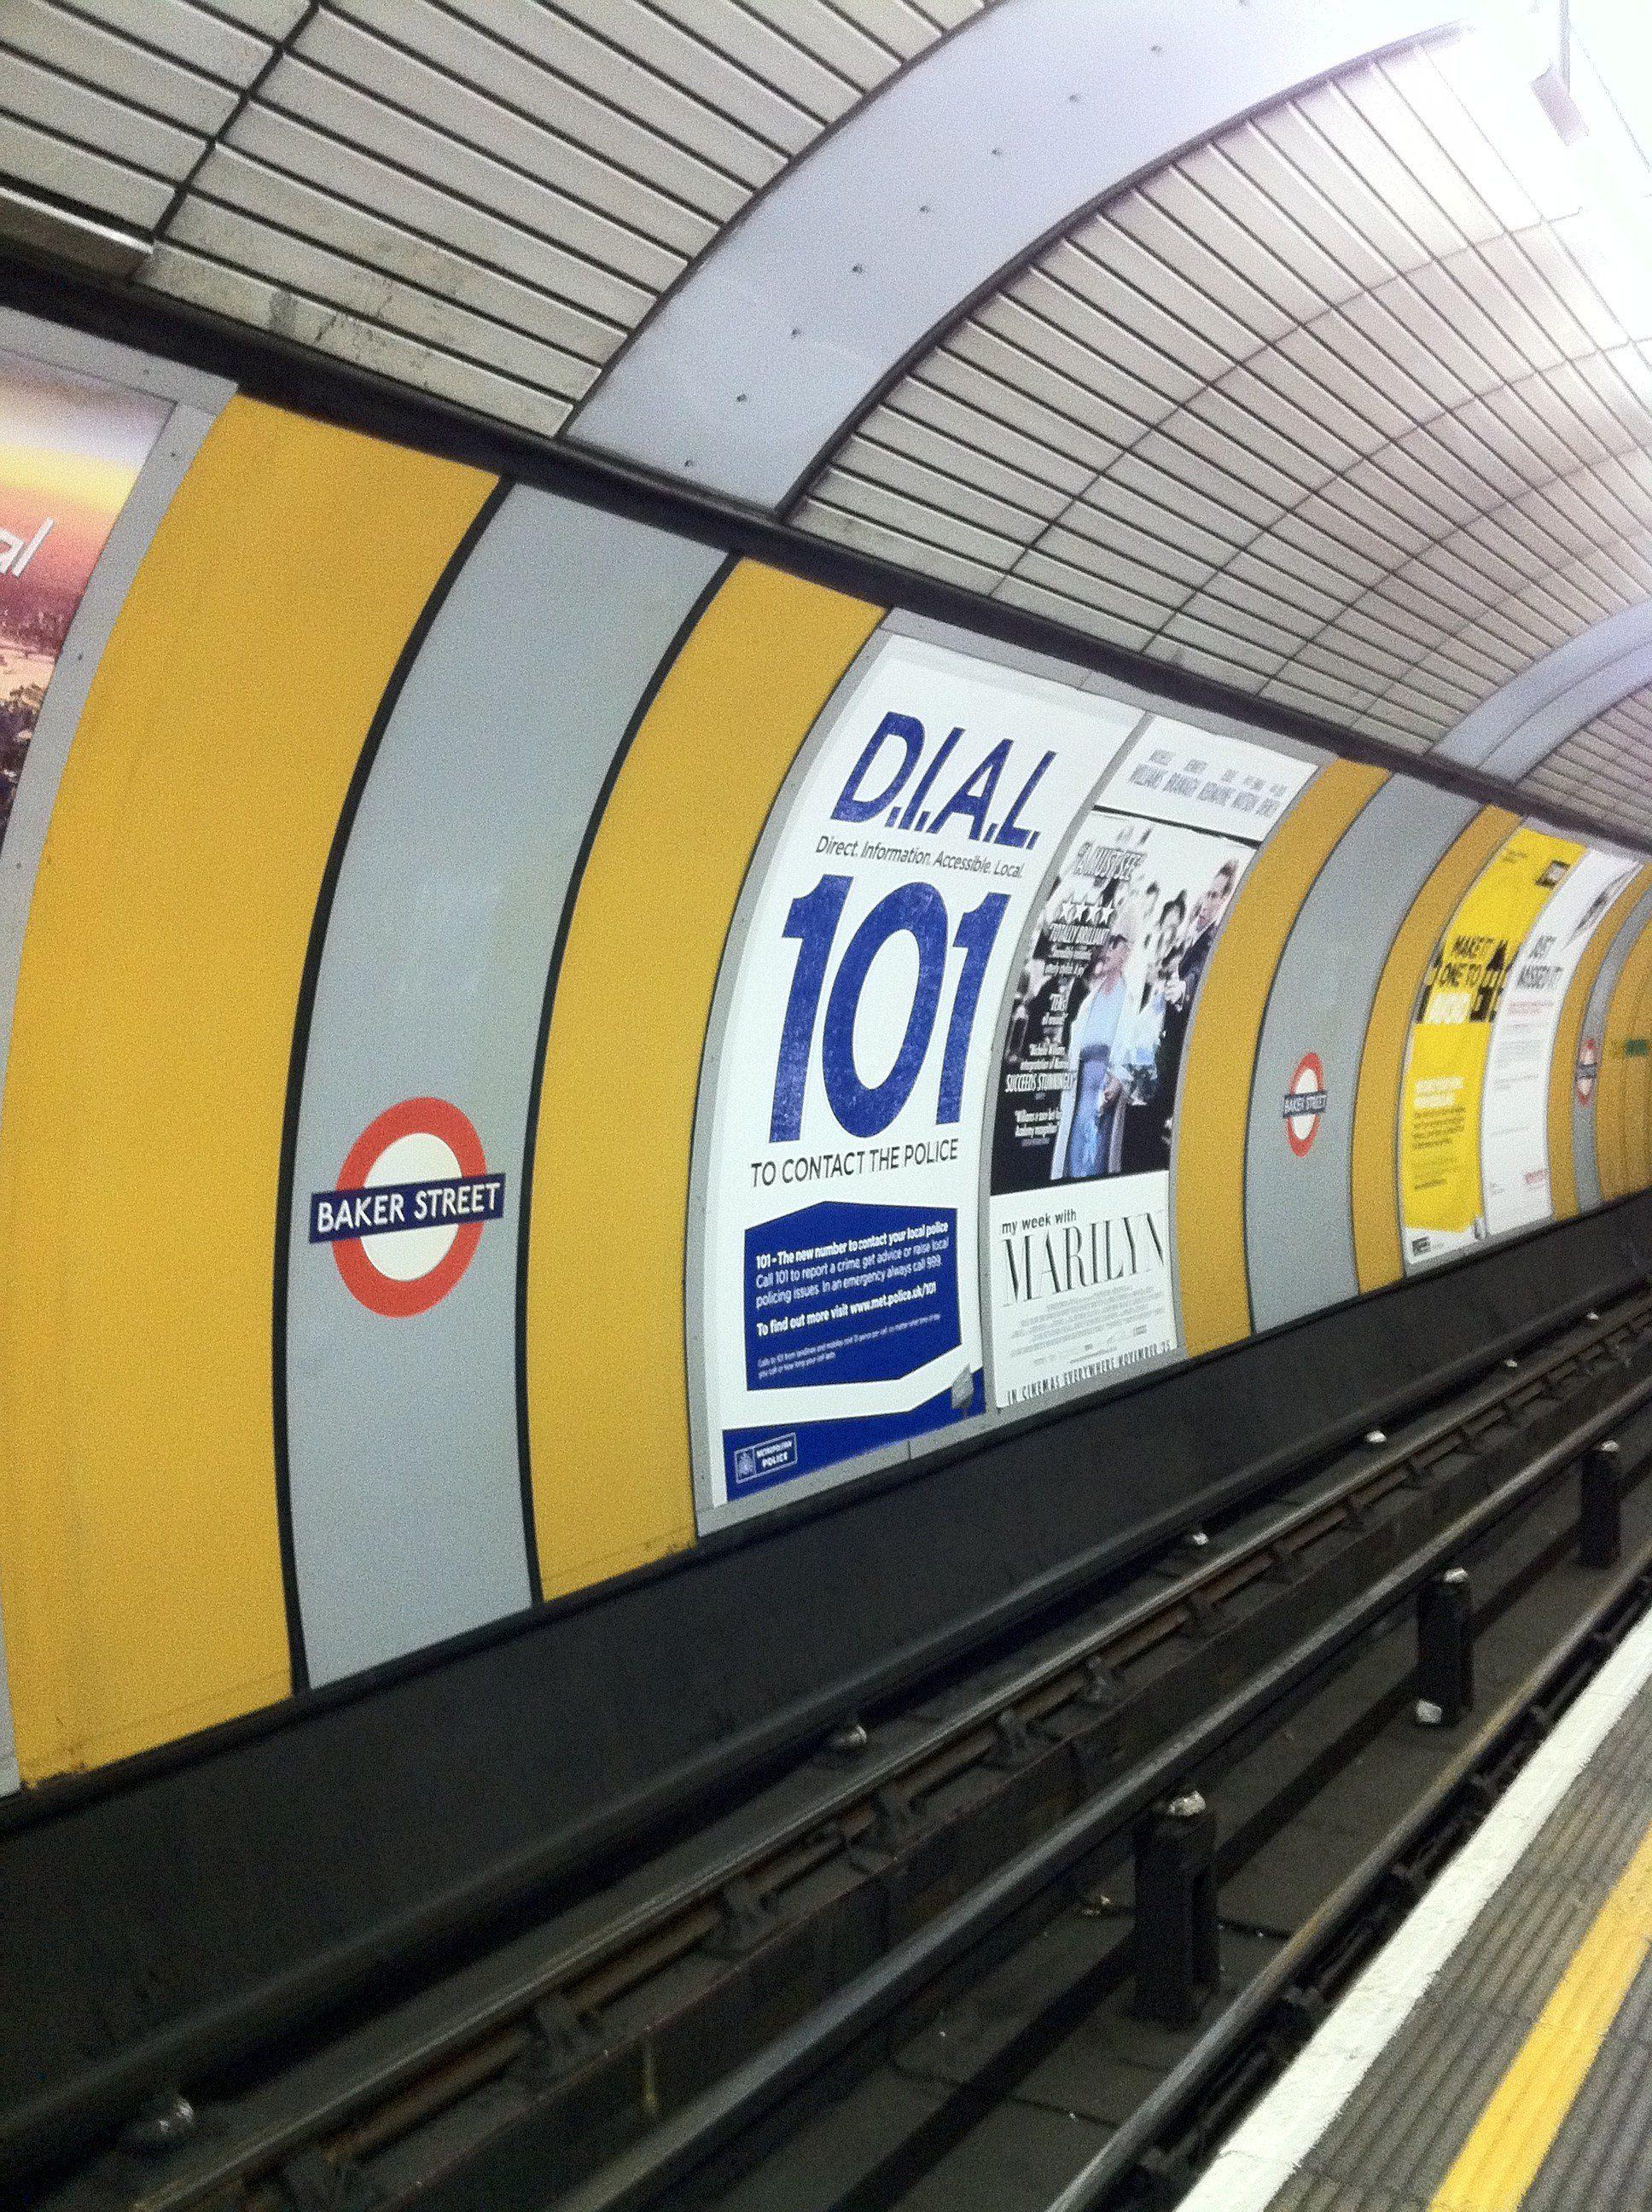 DIAL 101 Baker Street, The Myndset in London